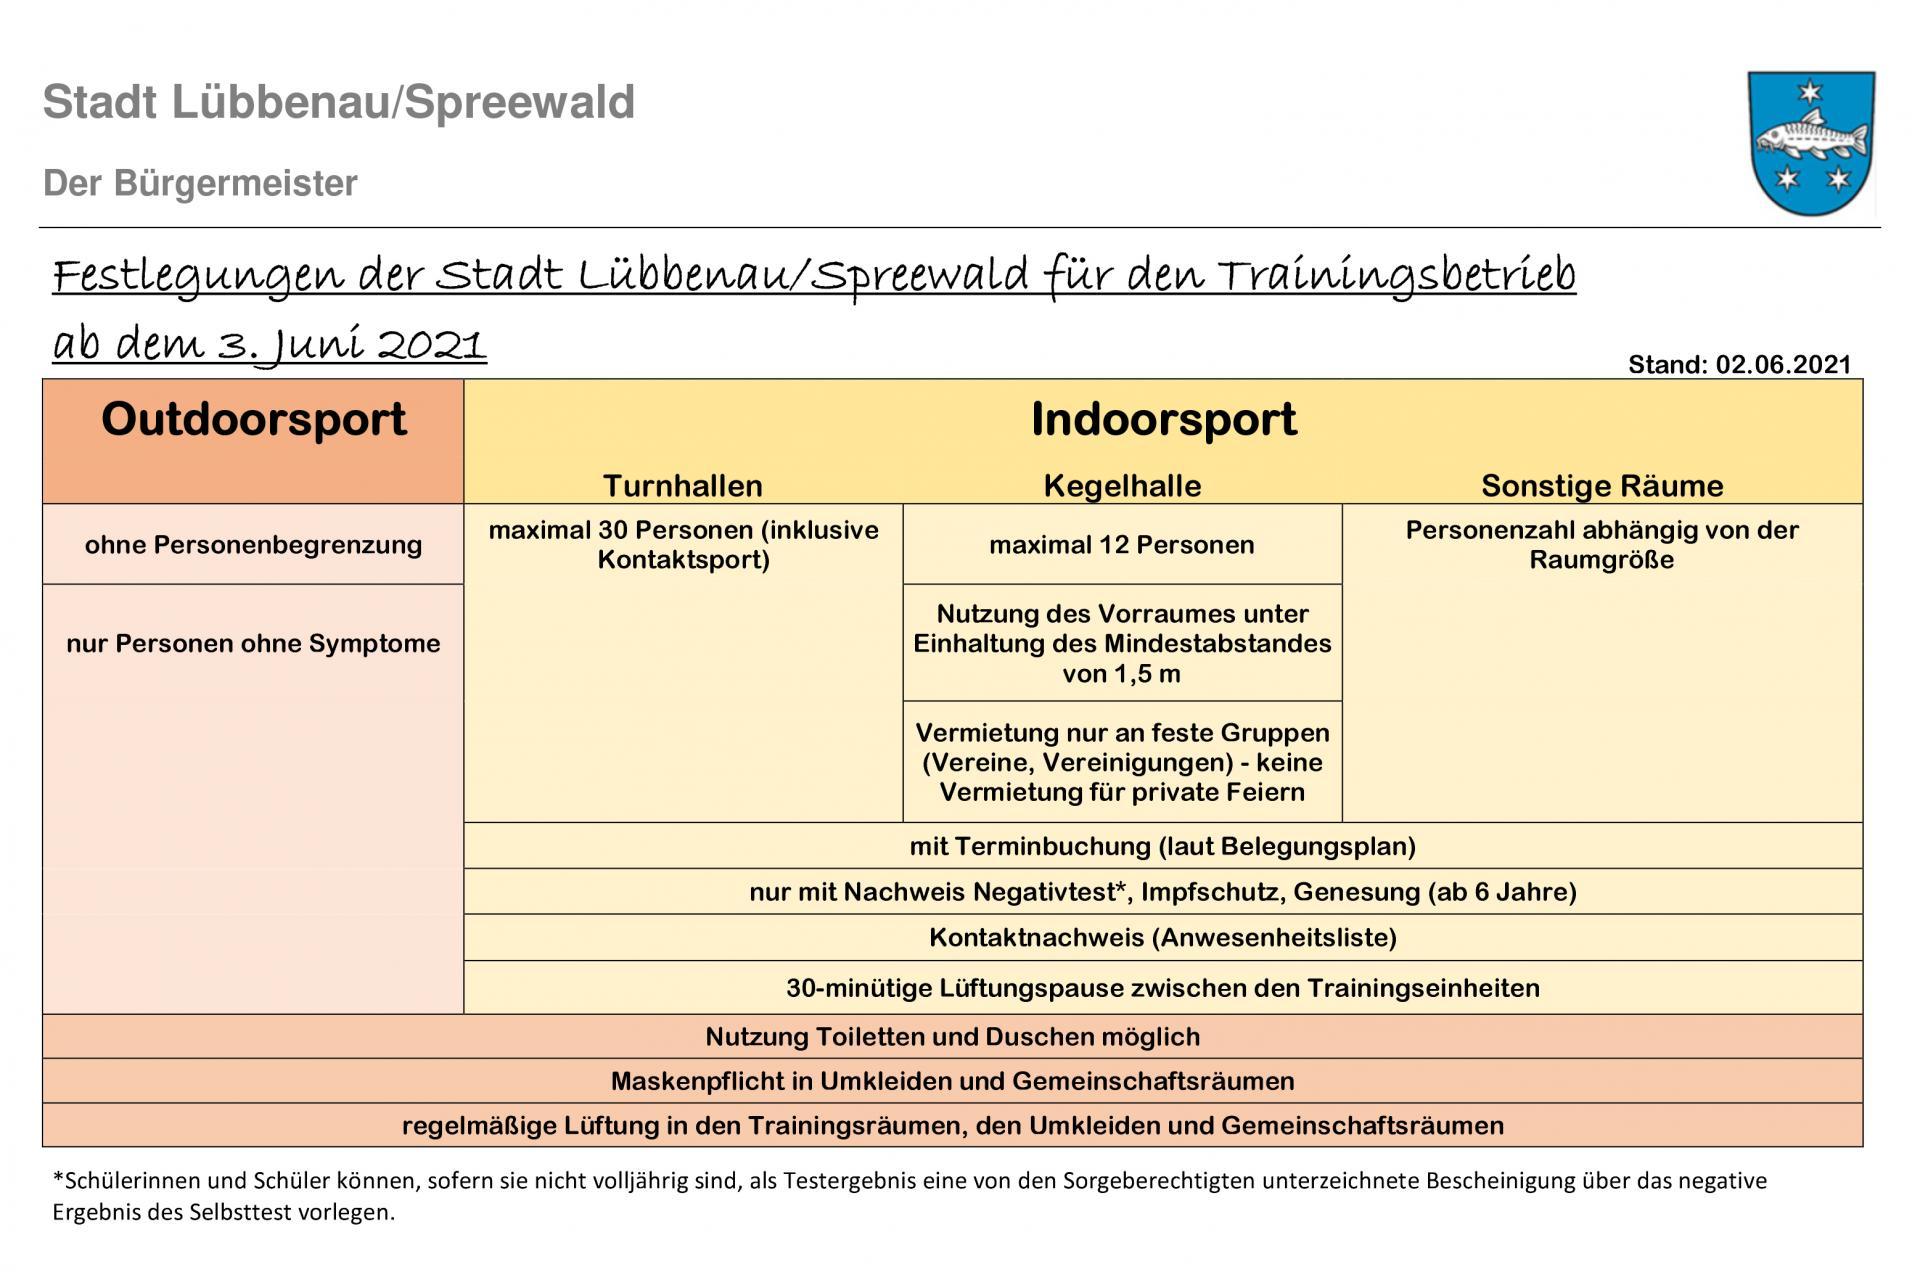 Übersicht der Festlegungen der Stadt Lübbenau/Spreewald für den Trainingsbetrieb ab dem 3. Juni 2021